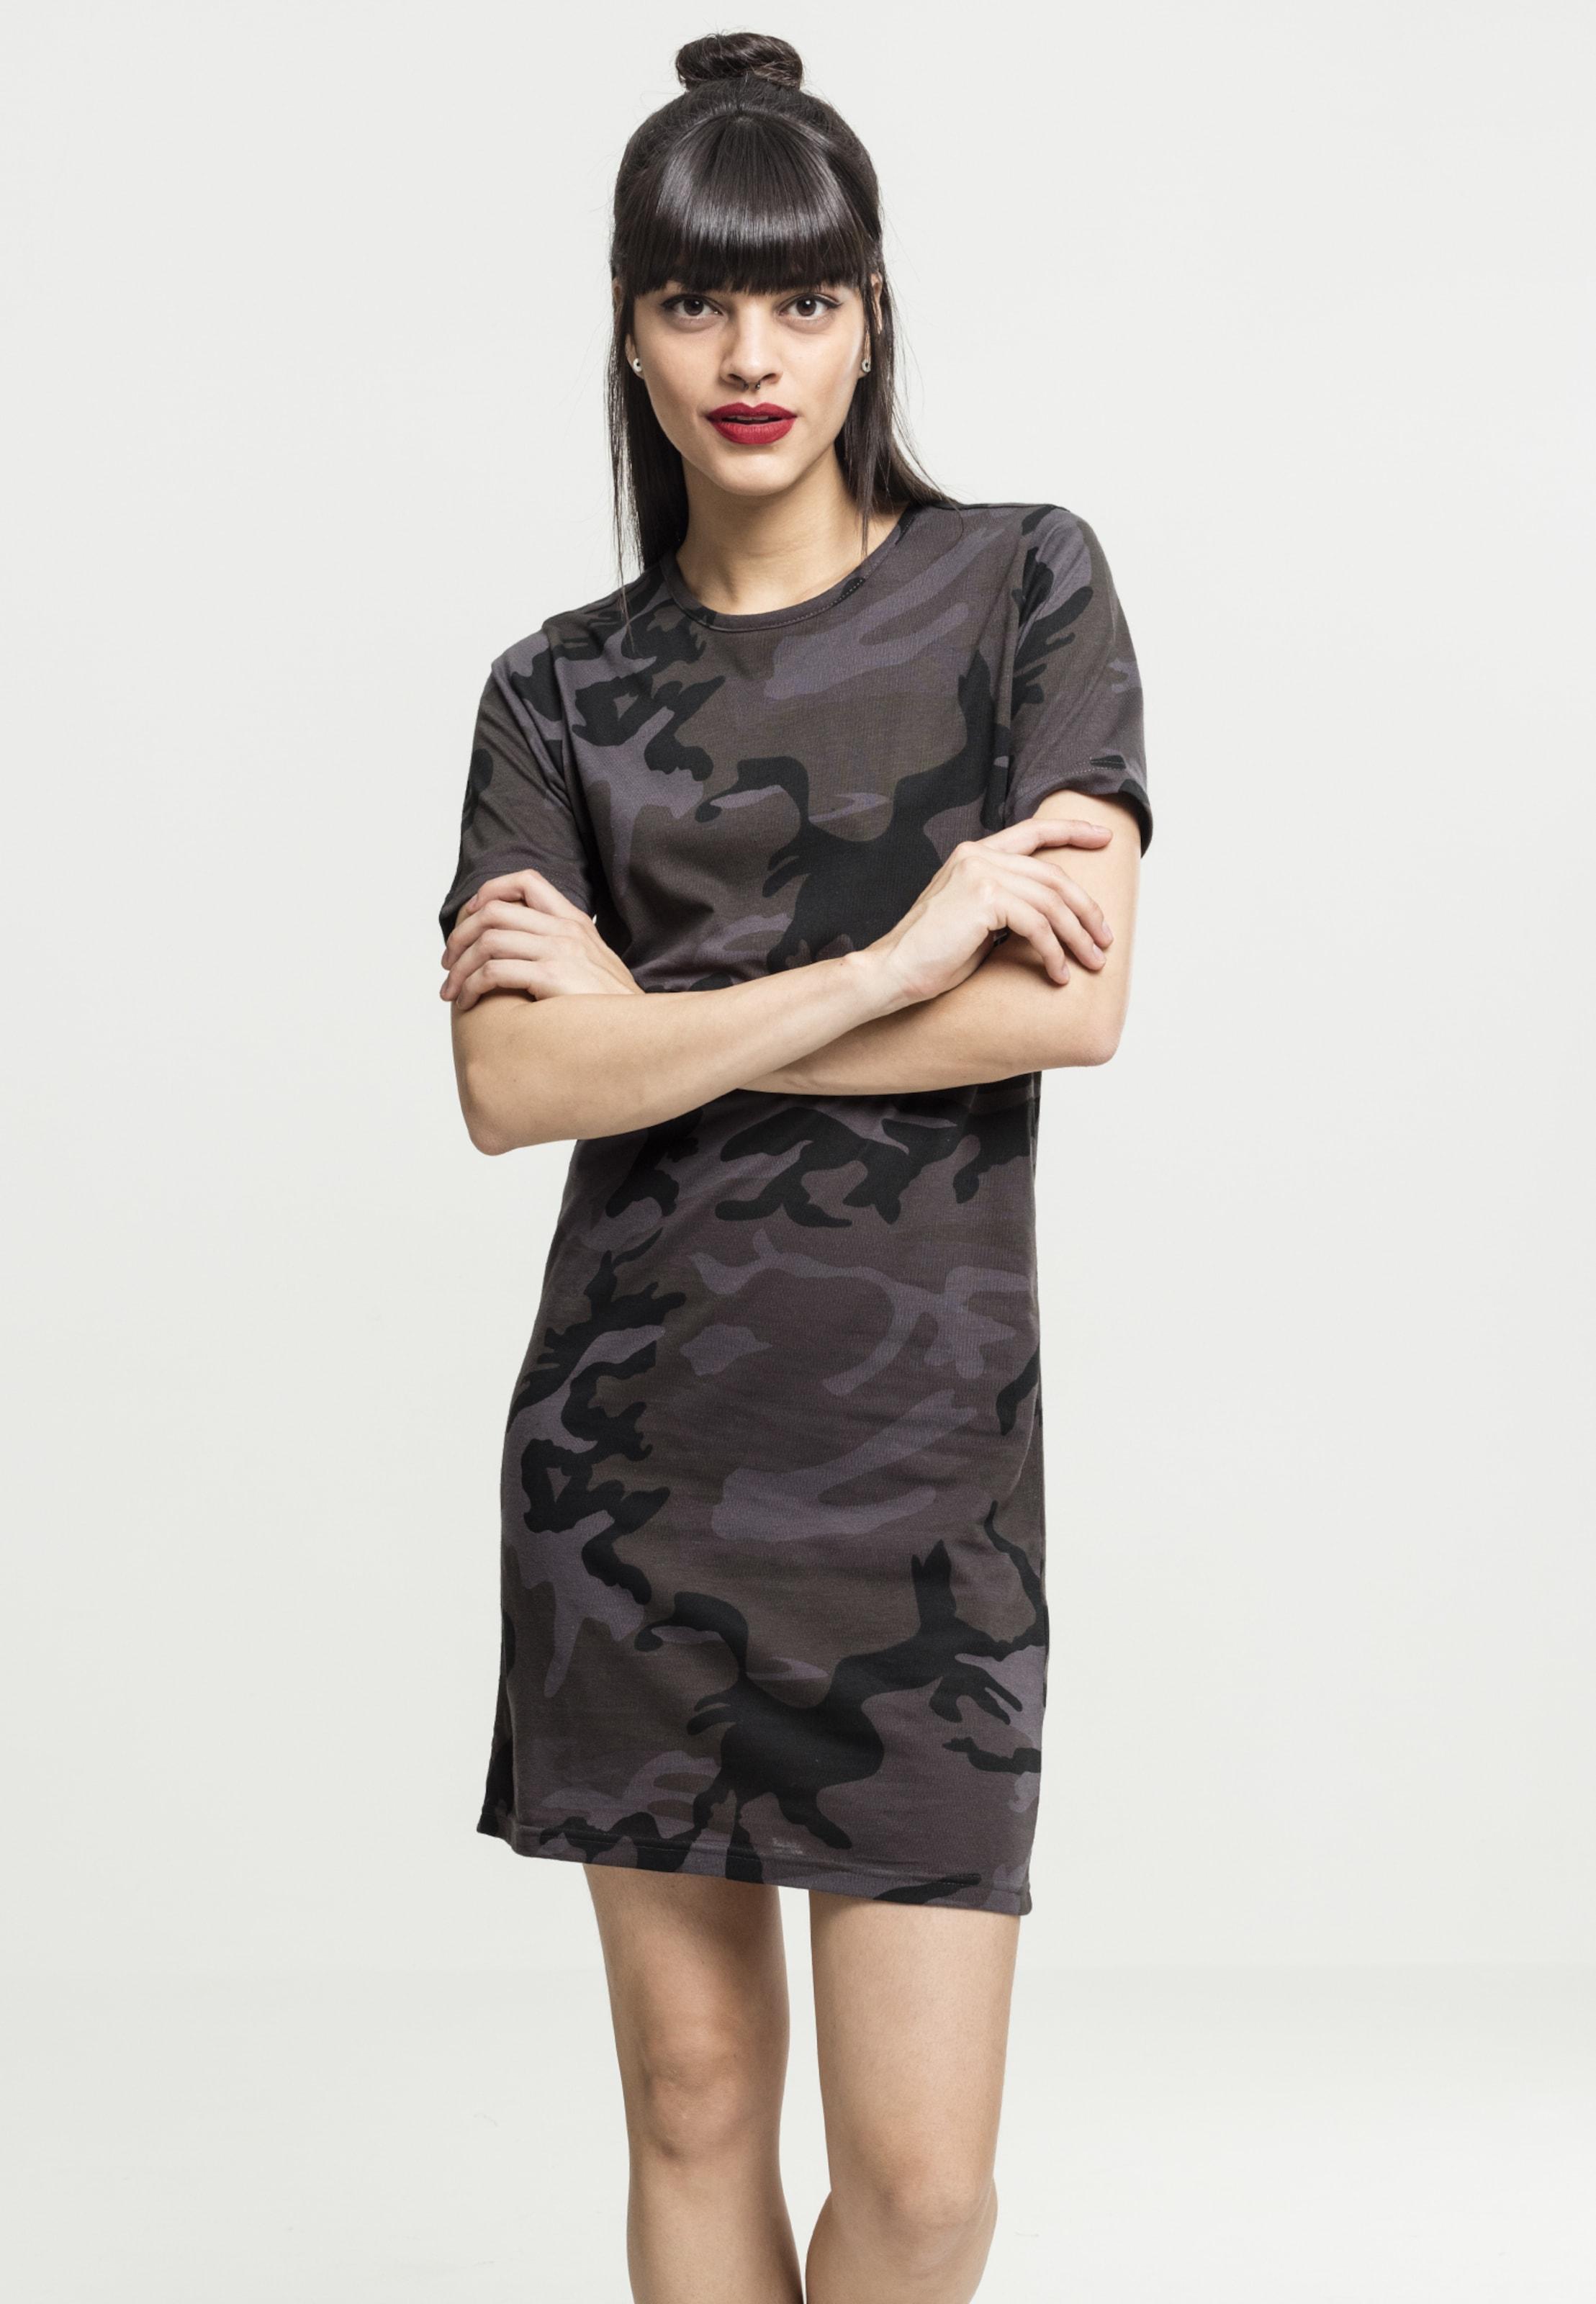 Urban Classics Tee dress In KhakiSchwarz RjLAq534